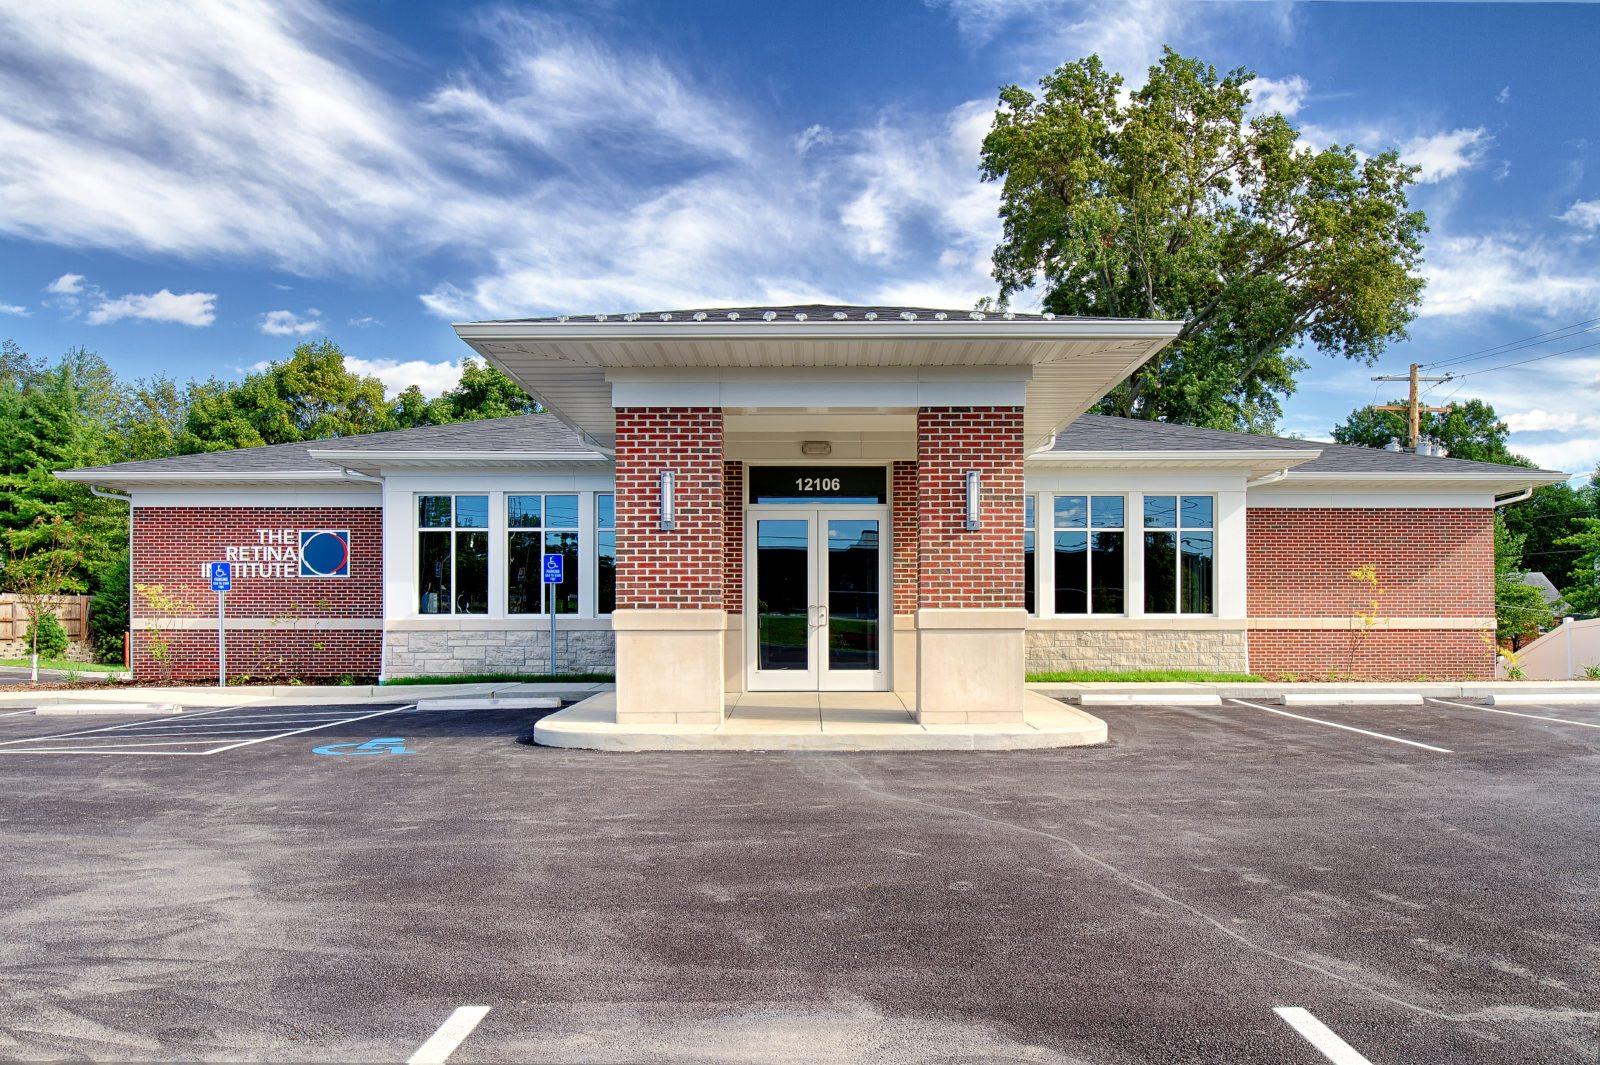 Retina Institute of St. Louis